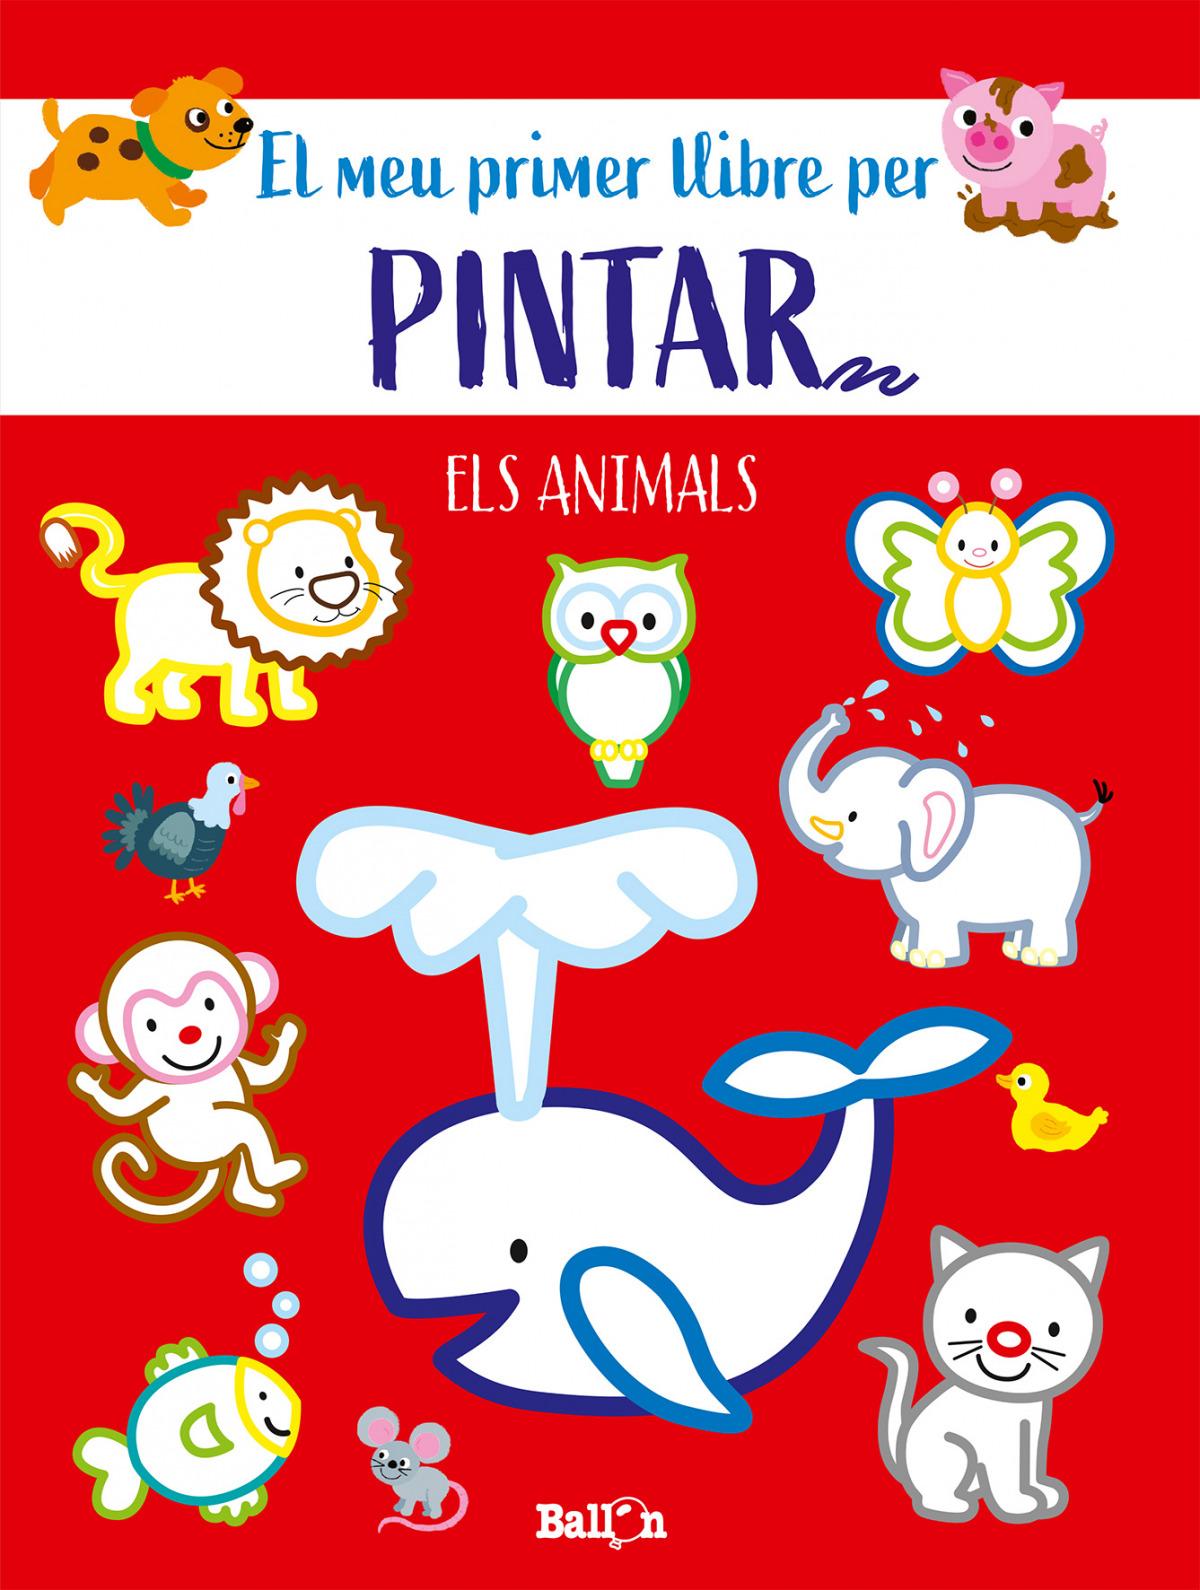 ANIMALS-EL MEU PRIMER LLIBRE PER PINTAR